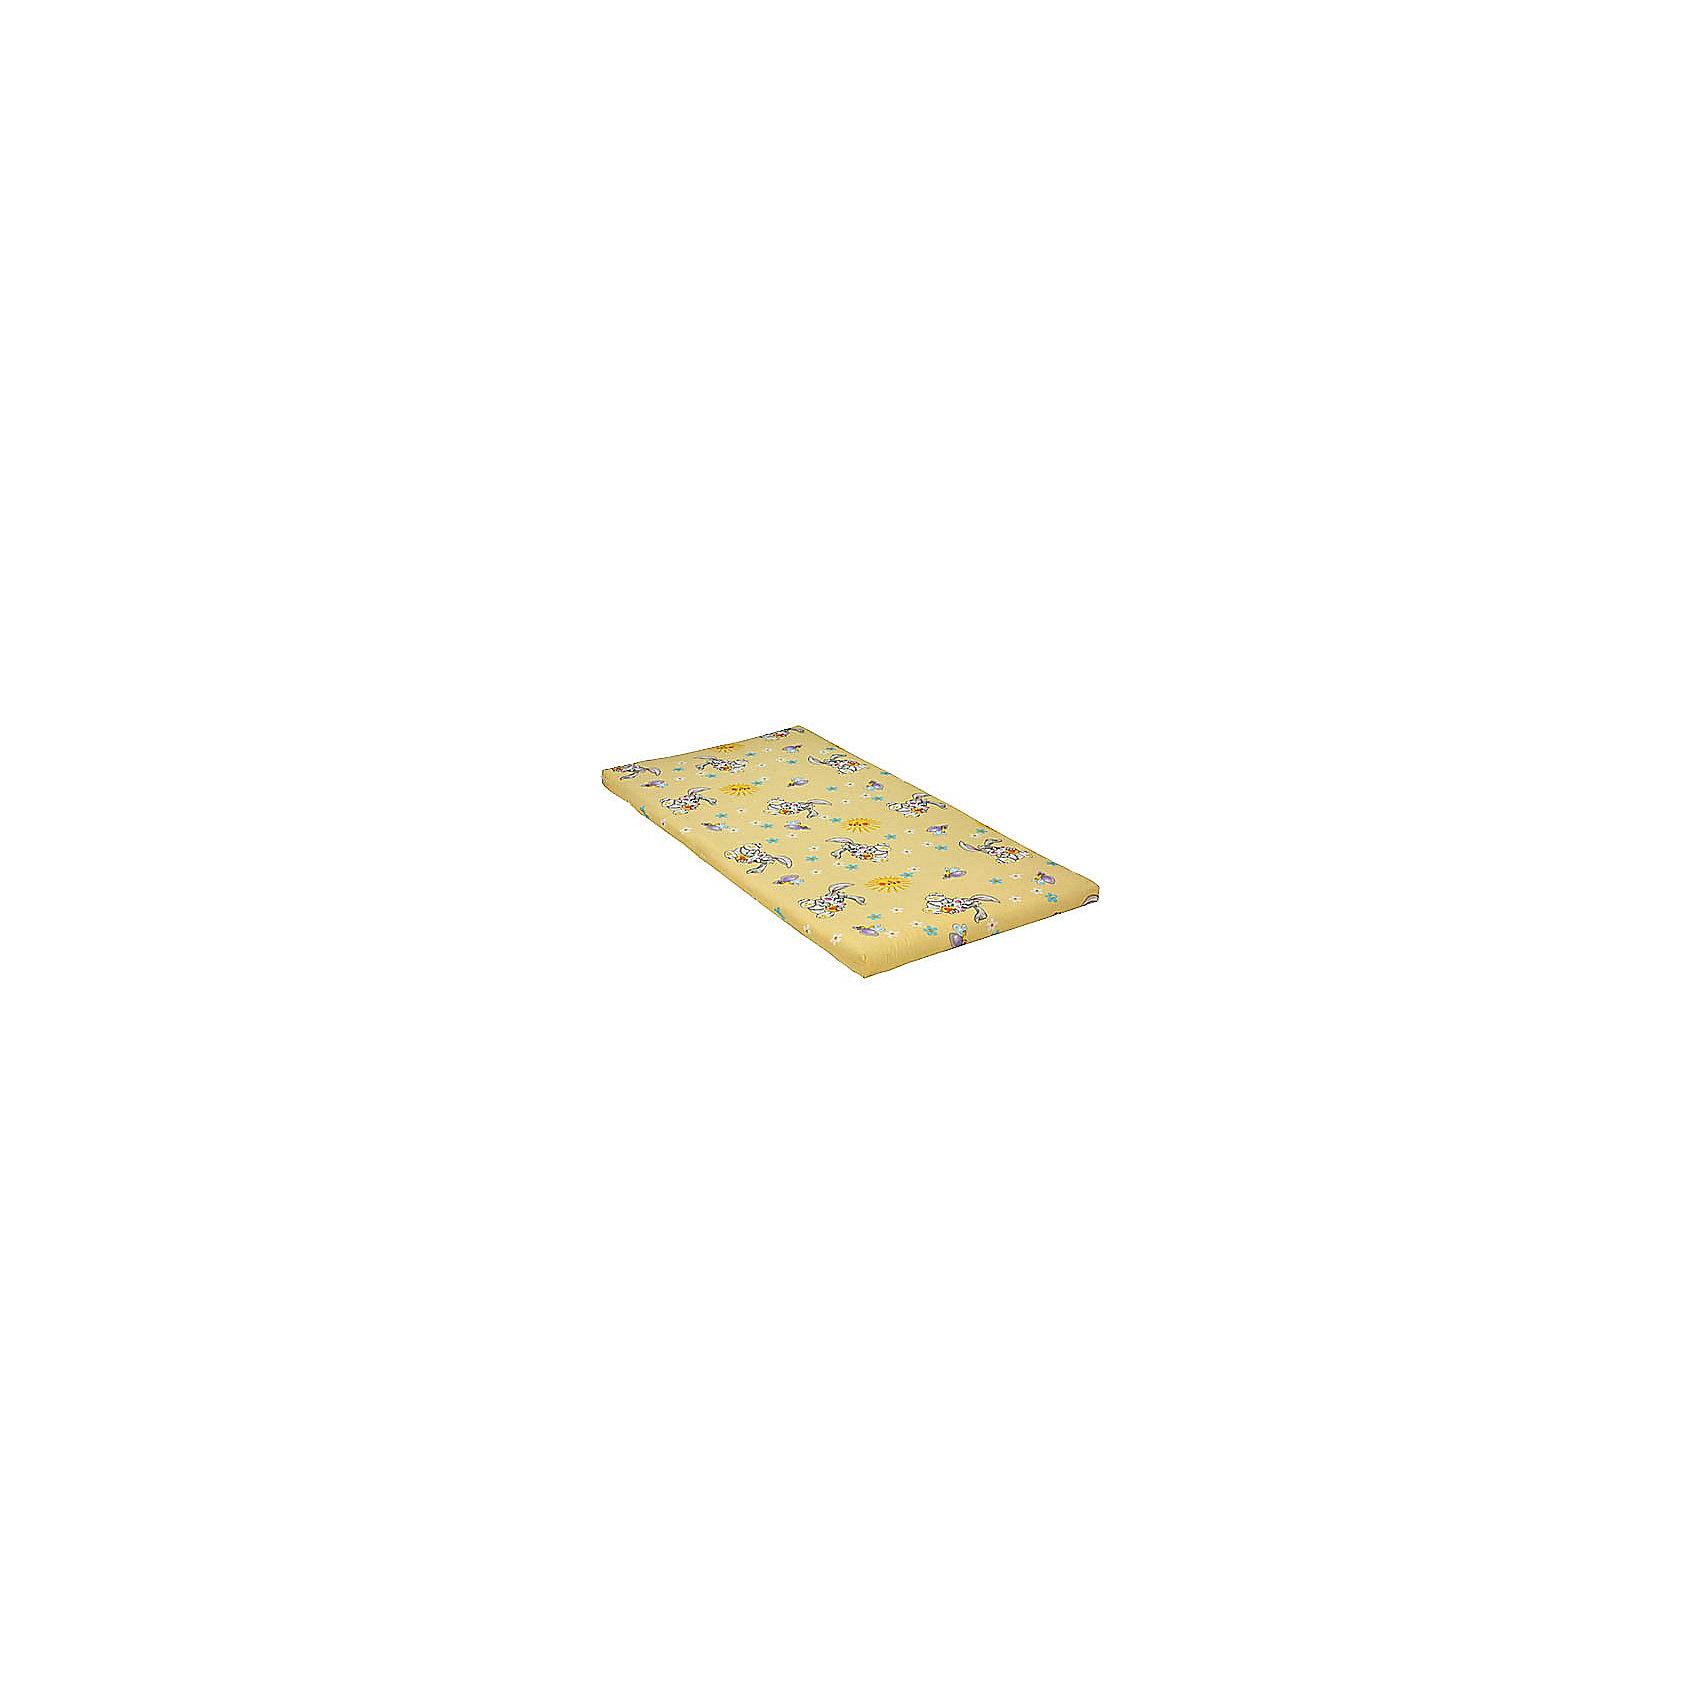 Матрас Bony Би Кокос, 120х60, BONY, Kids CareЭтот матрас разработан специально для малышей. Его можно использовать для детской кроватки, он рекомендован к использованию для детей с целью правильного формирования костной системы и позвоночника. В основе - кокосовое волокно, это экологичный, упругий, жесткий материал, обладает исключительными антиаллергическими и антибактериальными свойствами: не впитывает запахи и влагу, не гниет, отлично пропускает воздух и регулирует температуру, к тому же не деформируется, гарантирует правильное формирование позвоночника ребенка.<br>Чехол матраса - приятного на ощупь текстиля, обеспечивающий доступ к коже воздуха, комфорт, и долгую службу. Матрас - очень легкий и практичный! Качественные матрасы - здоровый сон вашего малыша!<br><br>Дополнительная информация:<br><br>материал: кокос, текстиль;<br>размер: 120x60 см;<br>беспружинный.<br><br>Матрас  Bony Би Кокос, 120х60, BONY, от компании Kids Care можно купить в нашем магазине.<br><br>Ширина мм: 600<br>Глубина мм: 300<br>Высота мм: 1200<br>Вес г: 5000<br>Возраст от месяцев: 0<br>Возраст до месяцев: 36<br>Пол: Унисекс<br>Возраст: Детский<br>SKU: 4778472